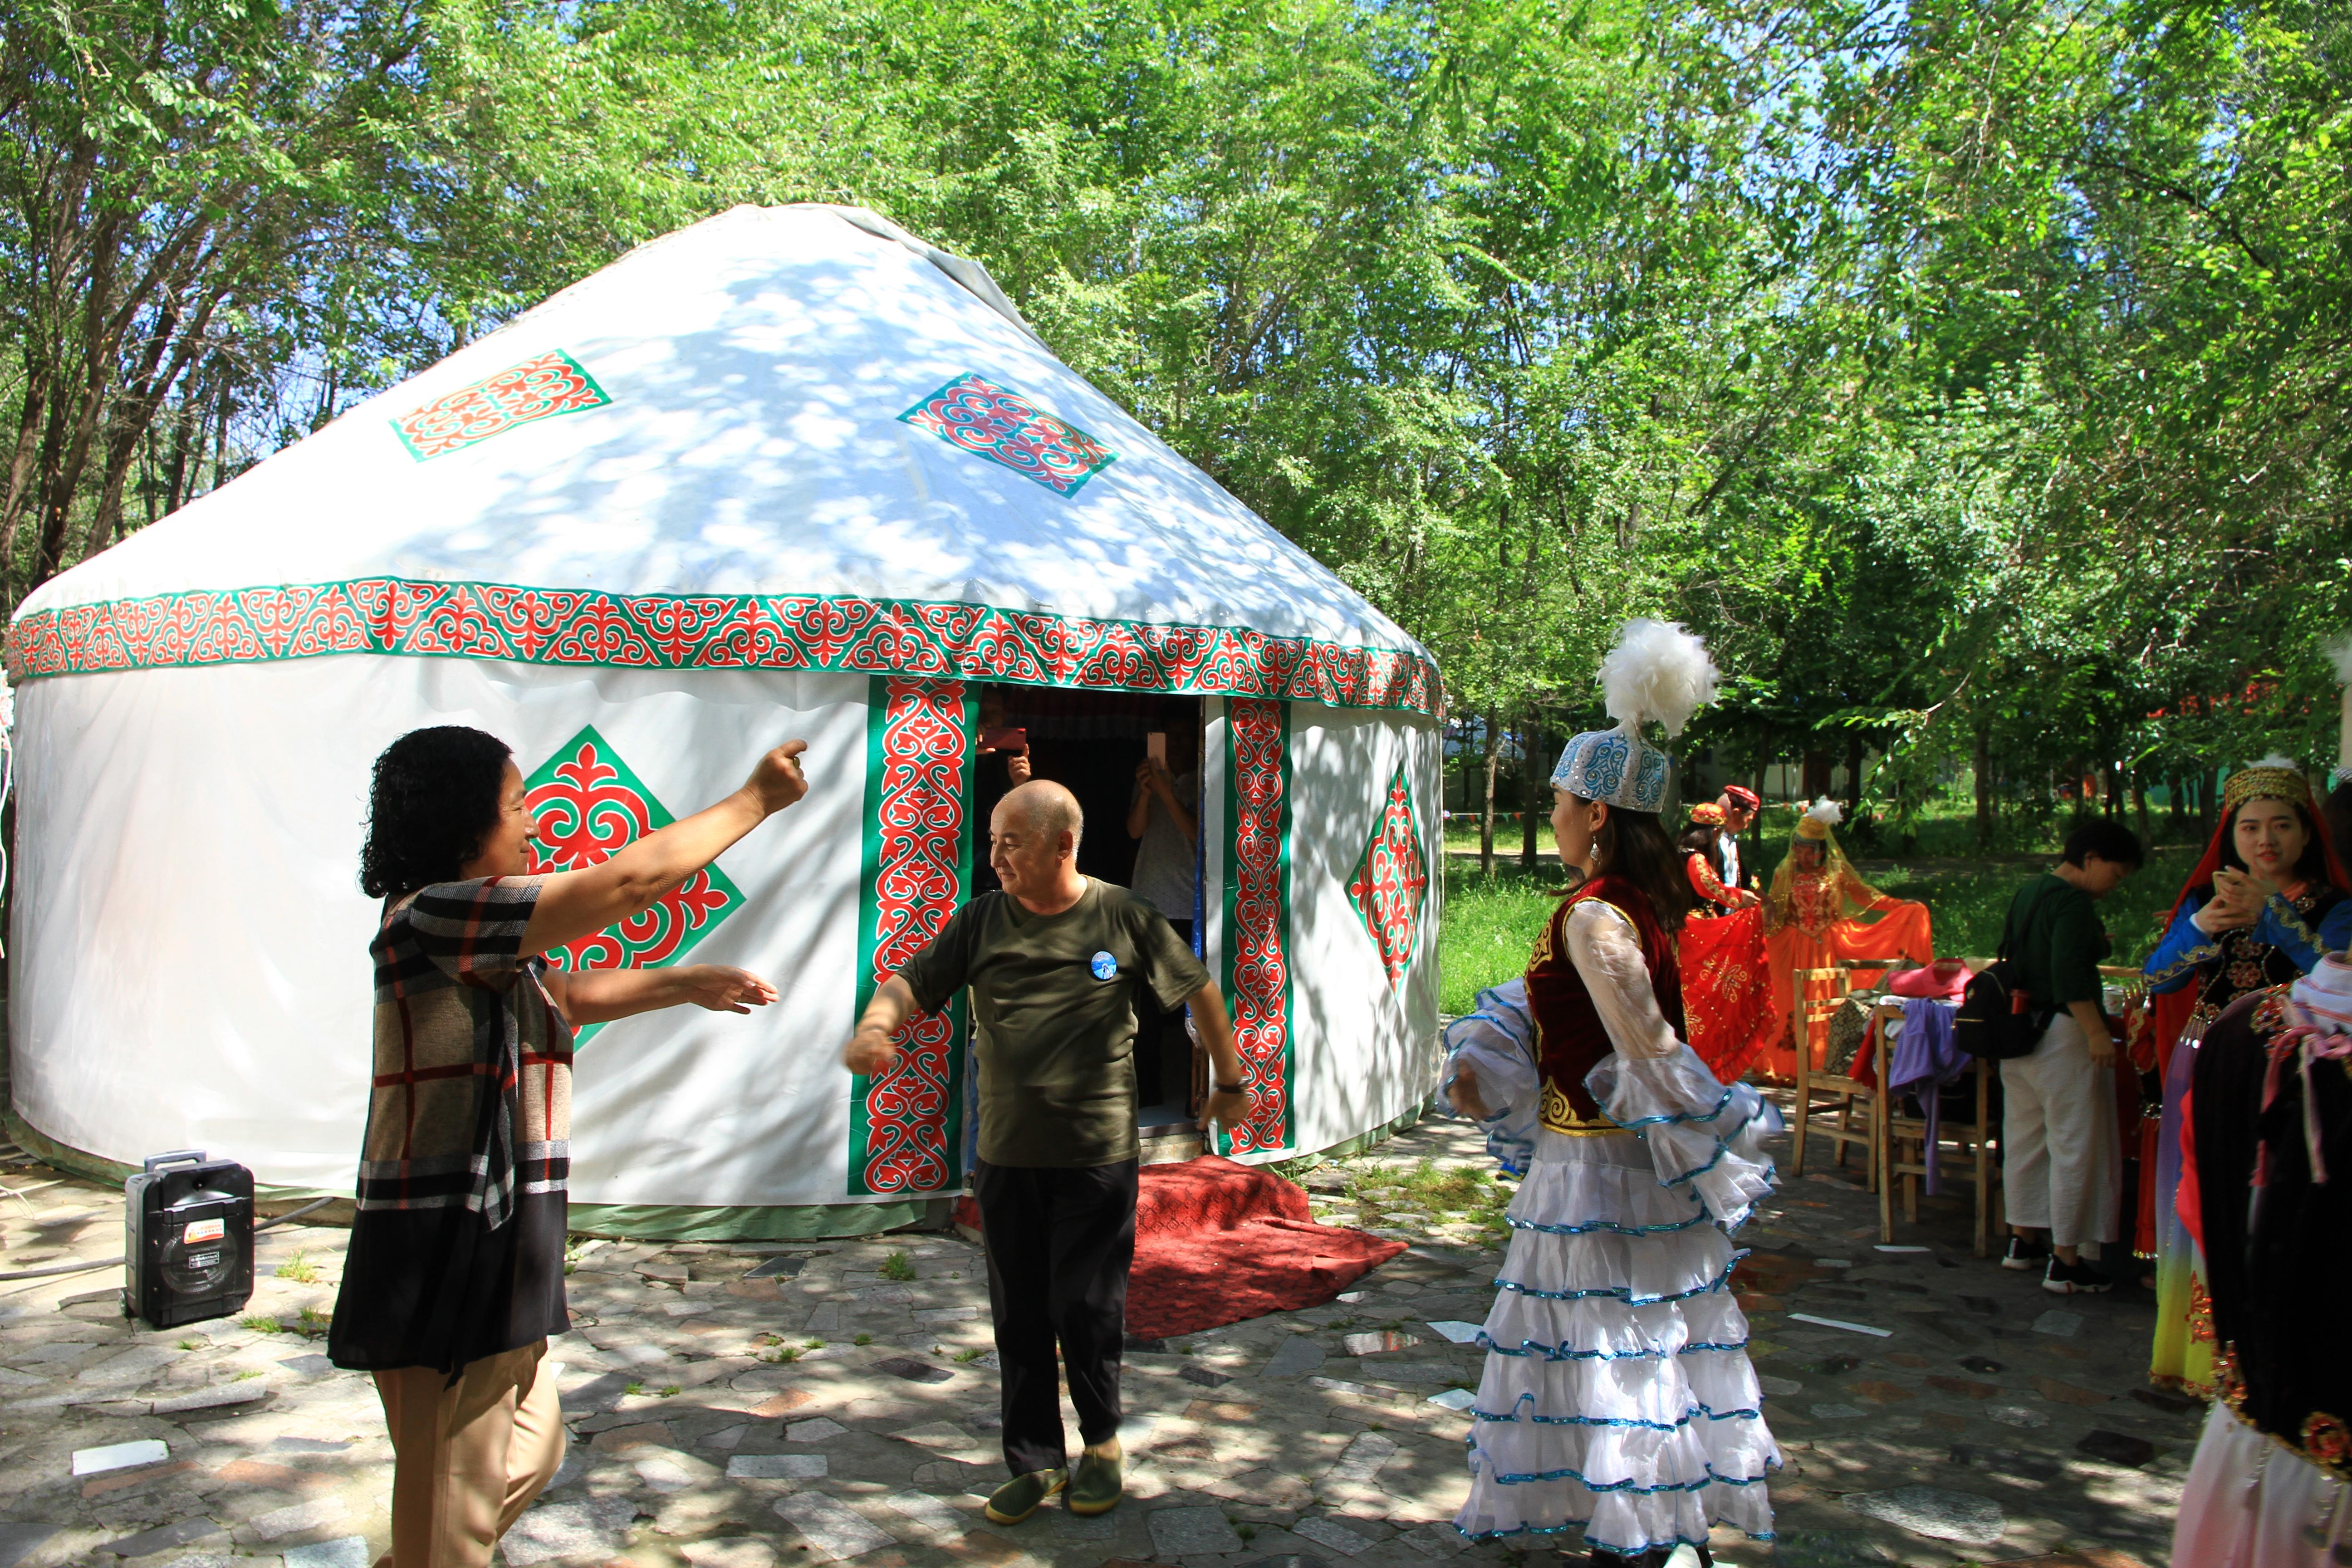 8、天山天池。团友中一对和田的维族夫妇随着欢快的音乐翩翩起舞